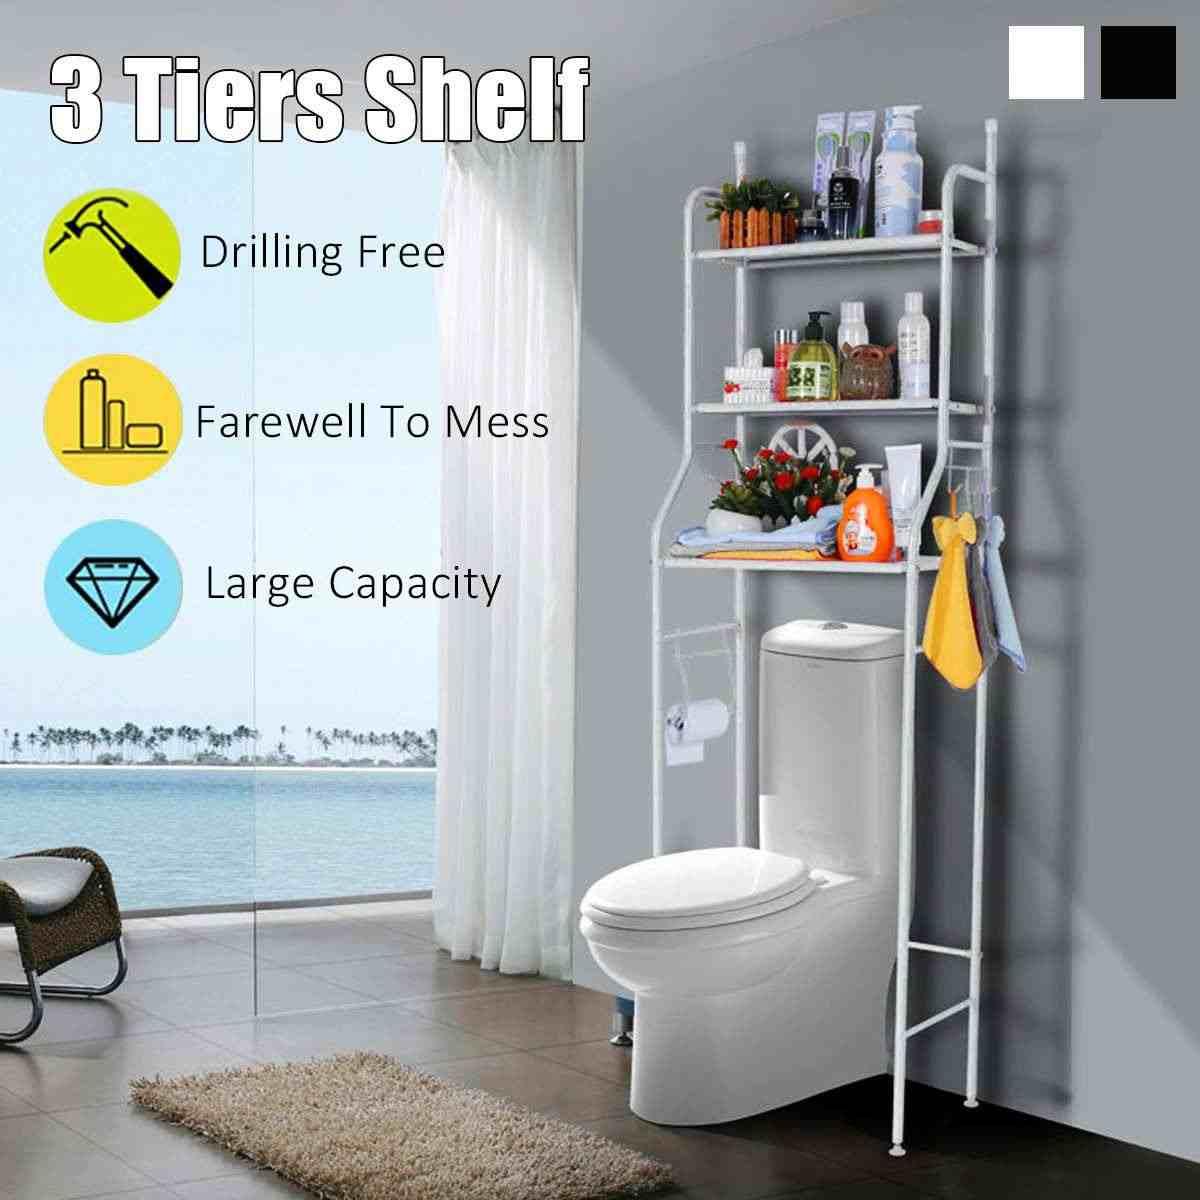 3 Tier półka ponad strona główna kuchnia łazienka stojak do przechowywania wielofunkcyjny zestaw kosmetyków półki do łazienki organizator akcesoria